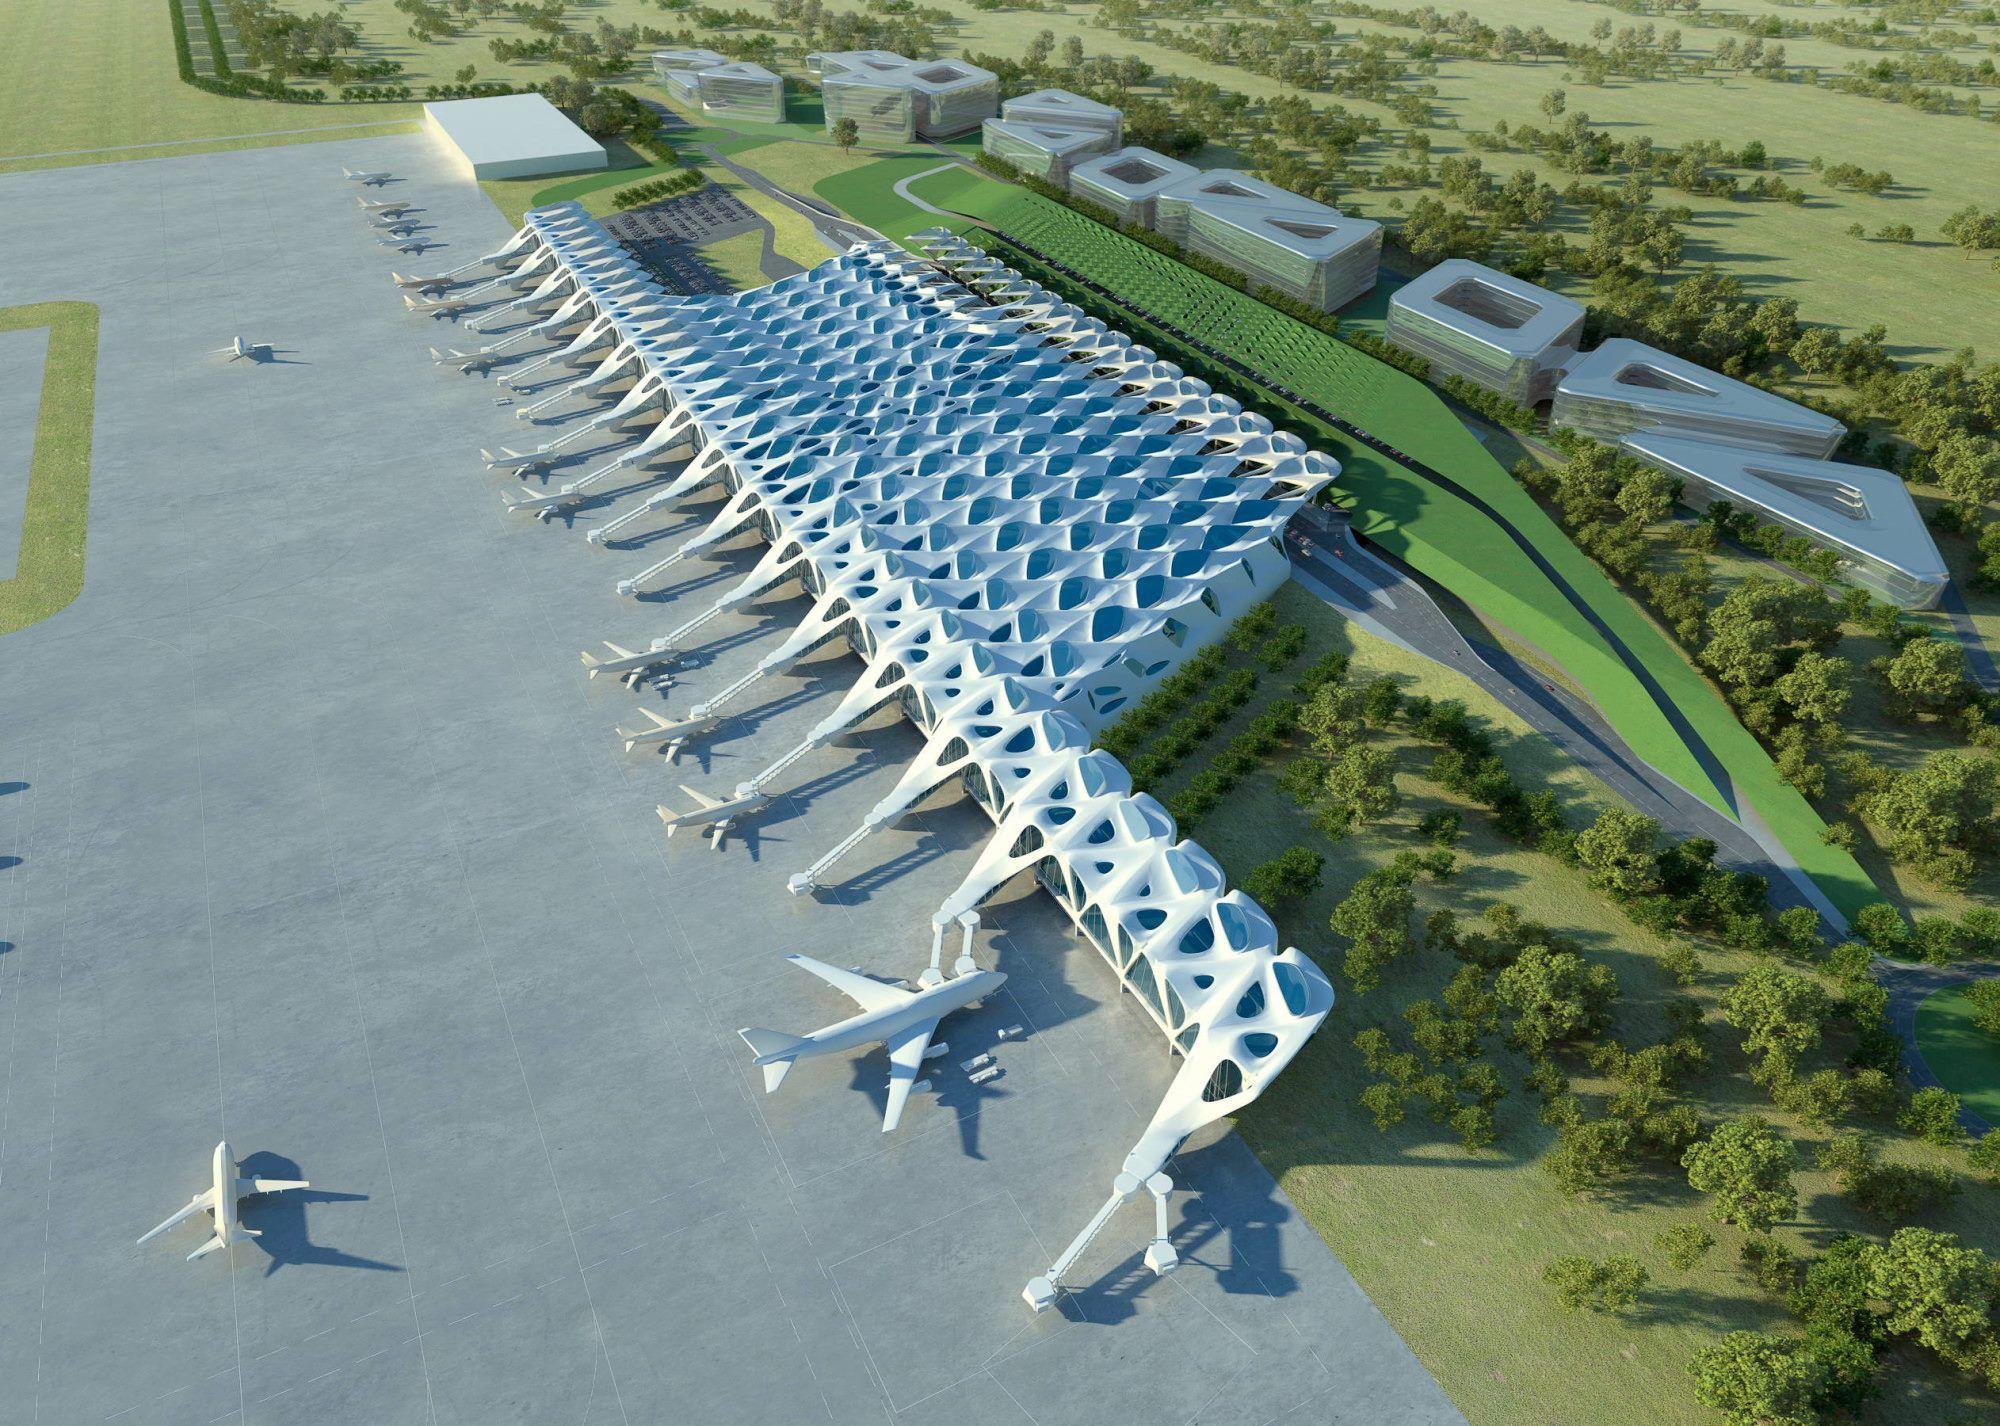 Zagreb Airport By Zaha Hadid Zaha Hadid Airport Design Zaha Hadid Design